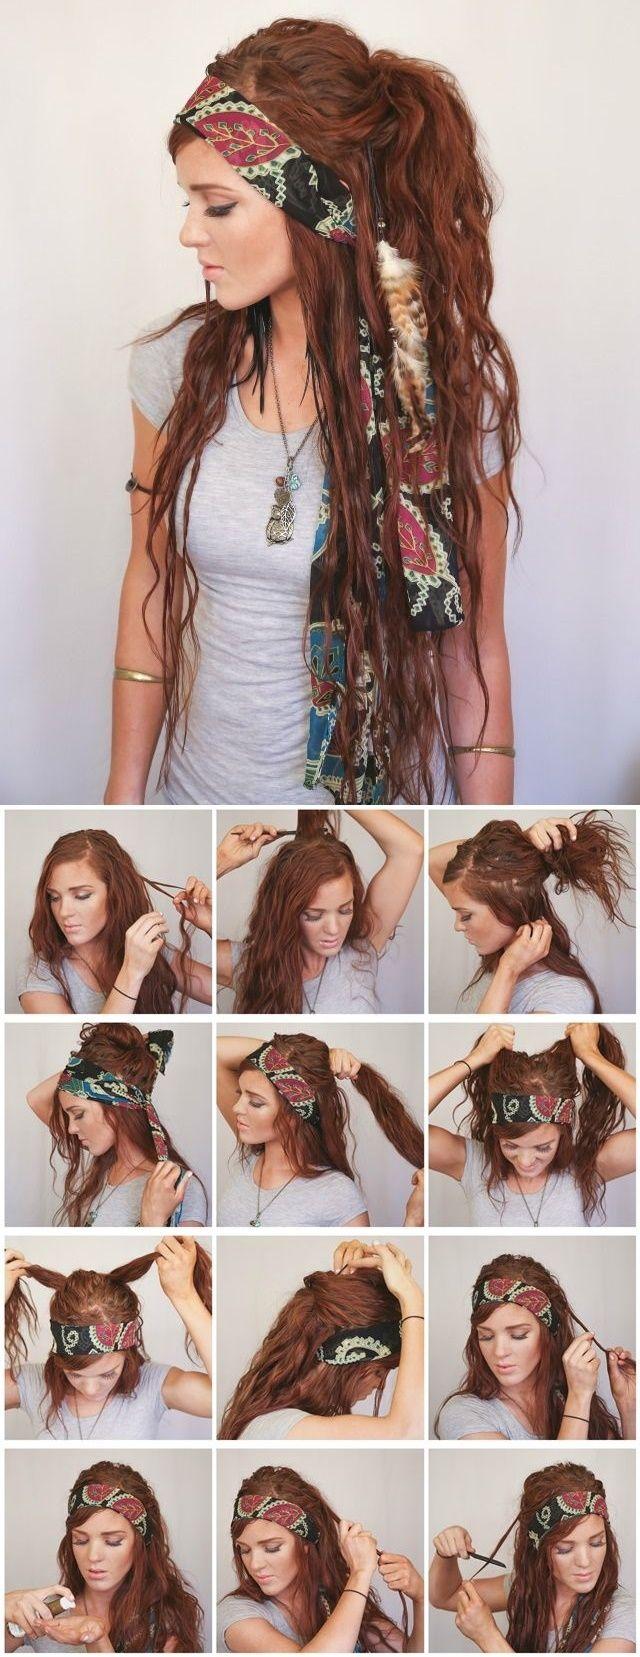 boho hairstyle2  visit way more natural boho fashion at https://naturaledgestyle.com